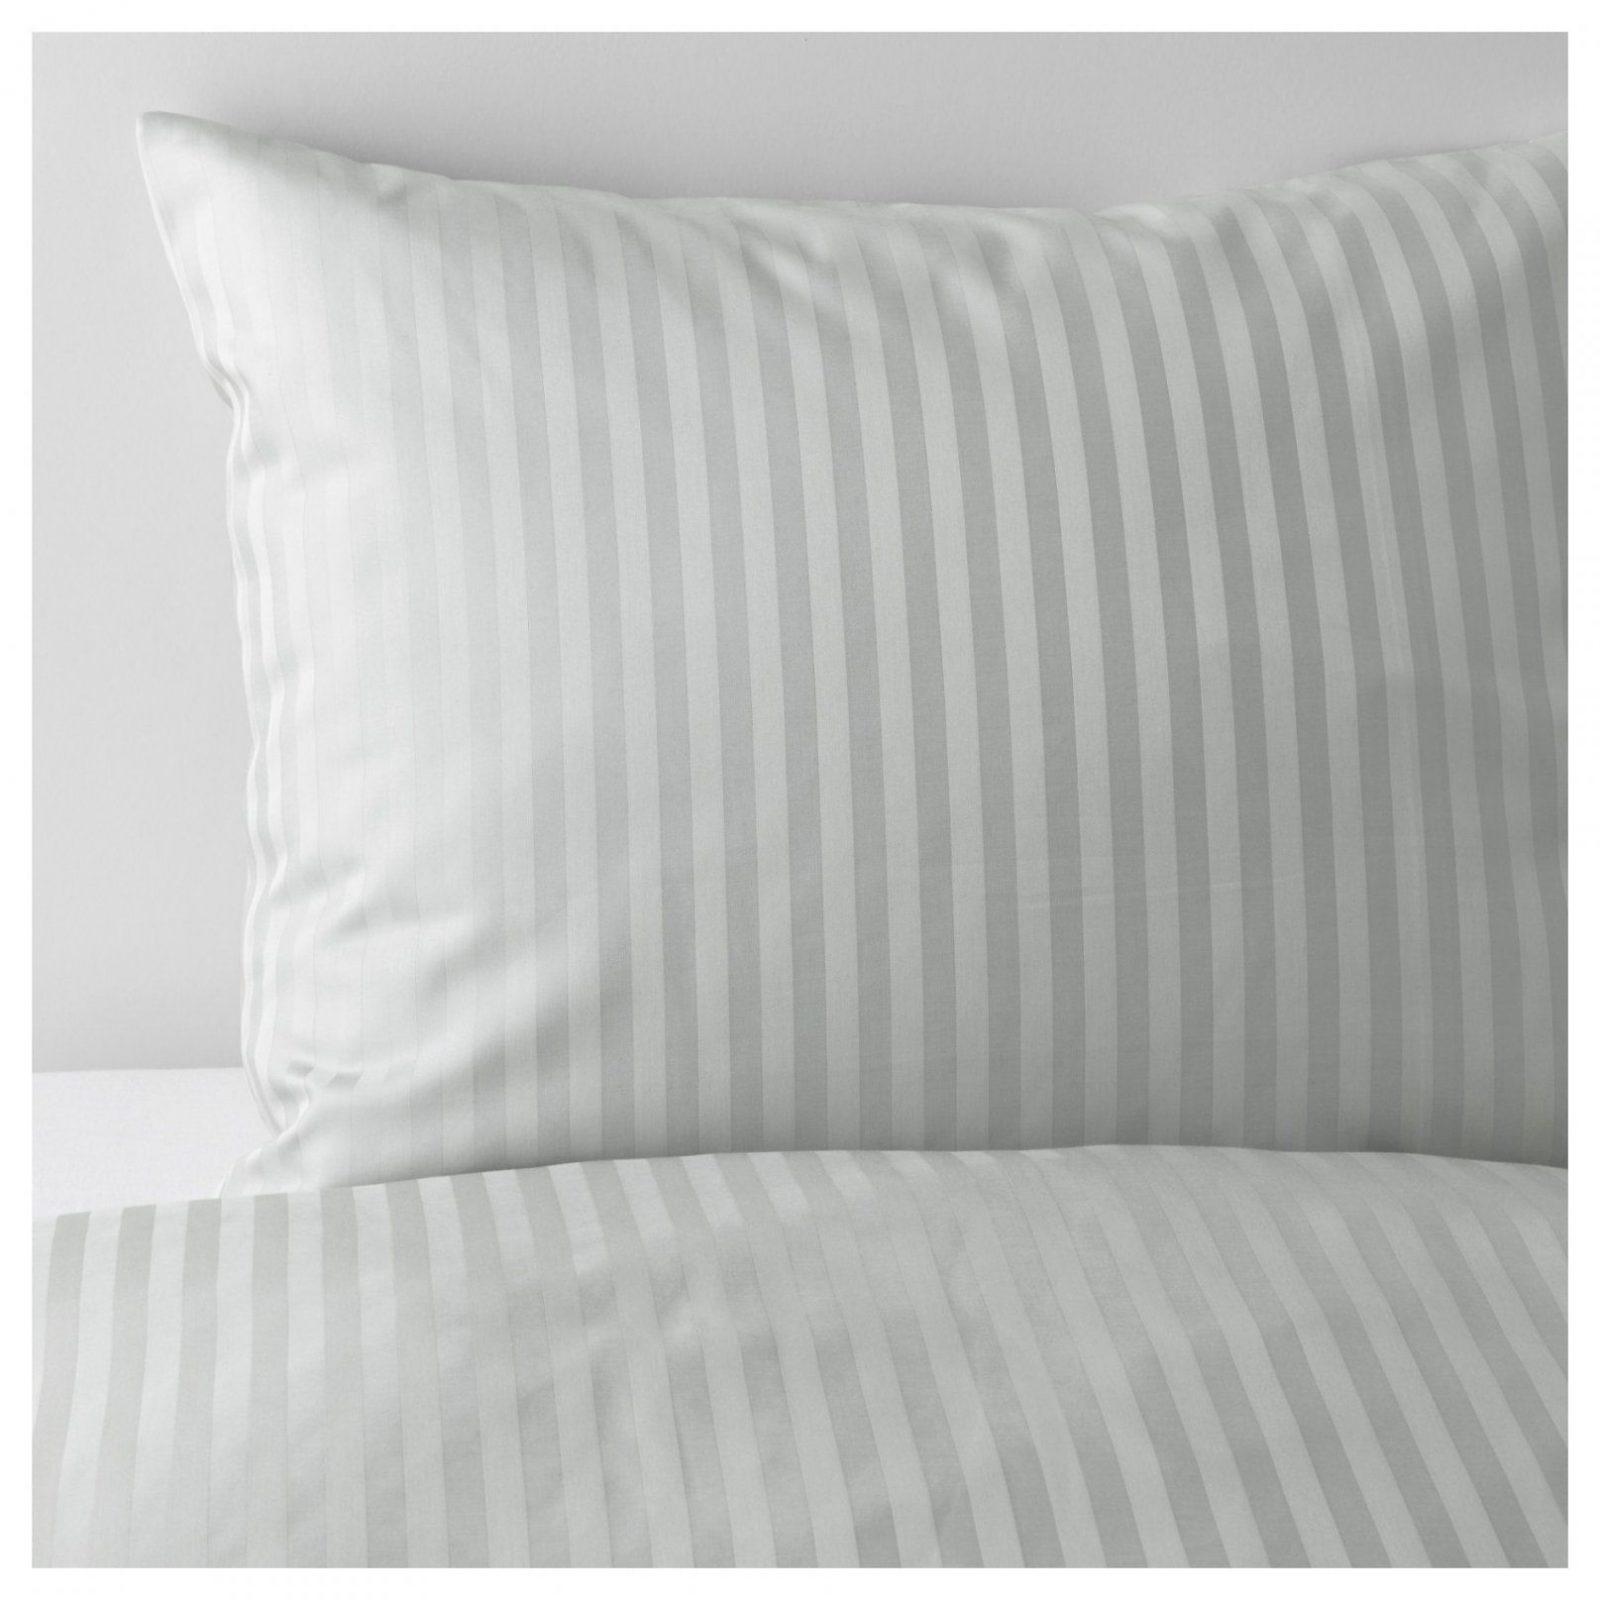 Schön Bettwäsche Günstig Online Kaufen Ikea Für Kinderbettwäsche von Ikea Satin Bettwäsche Photo